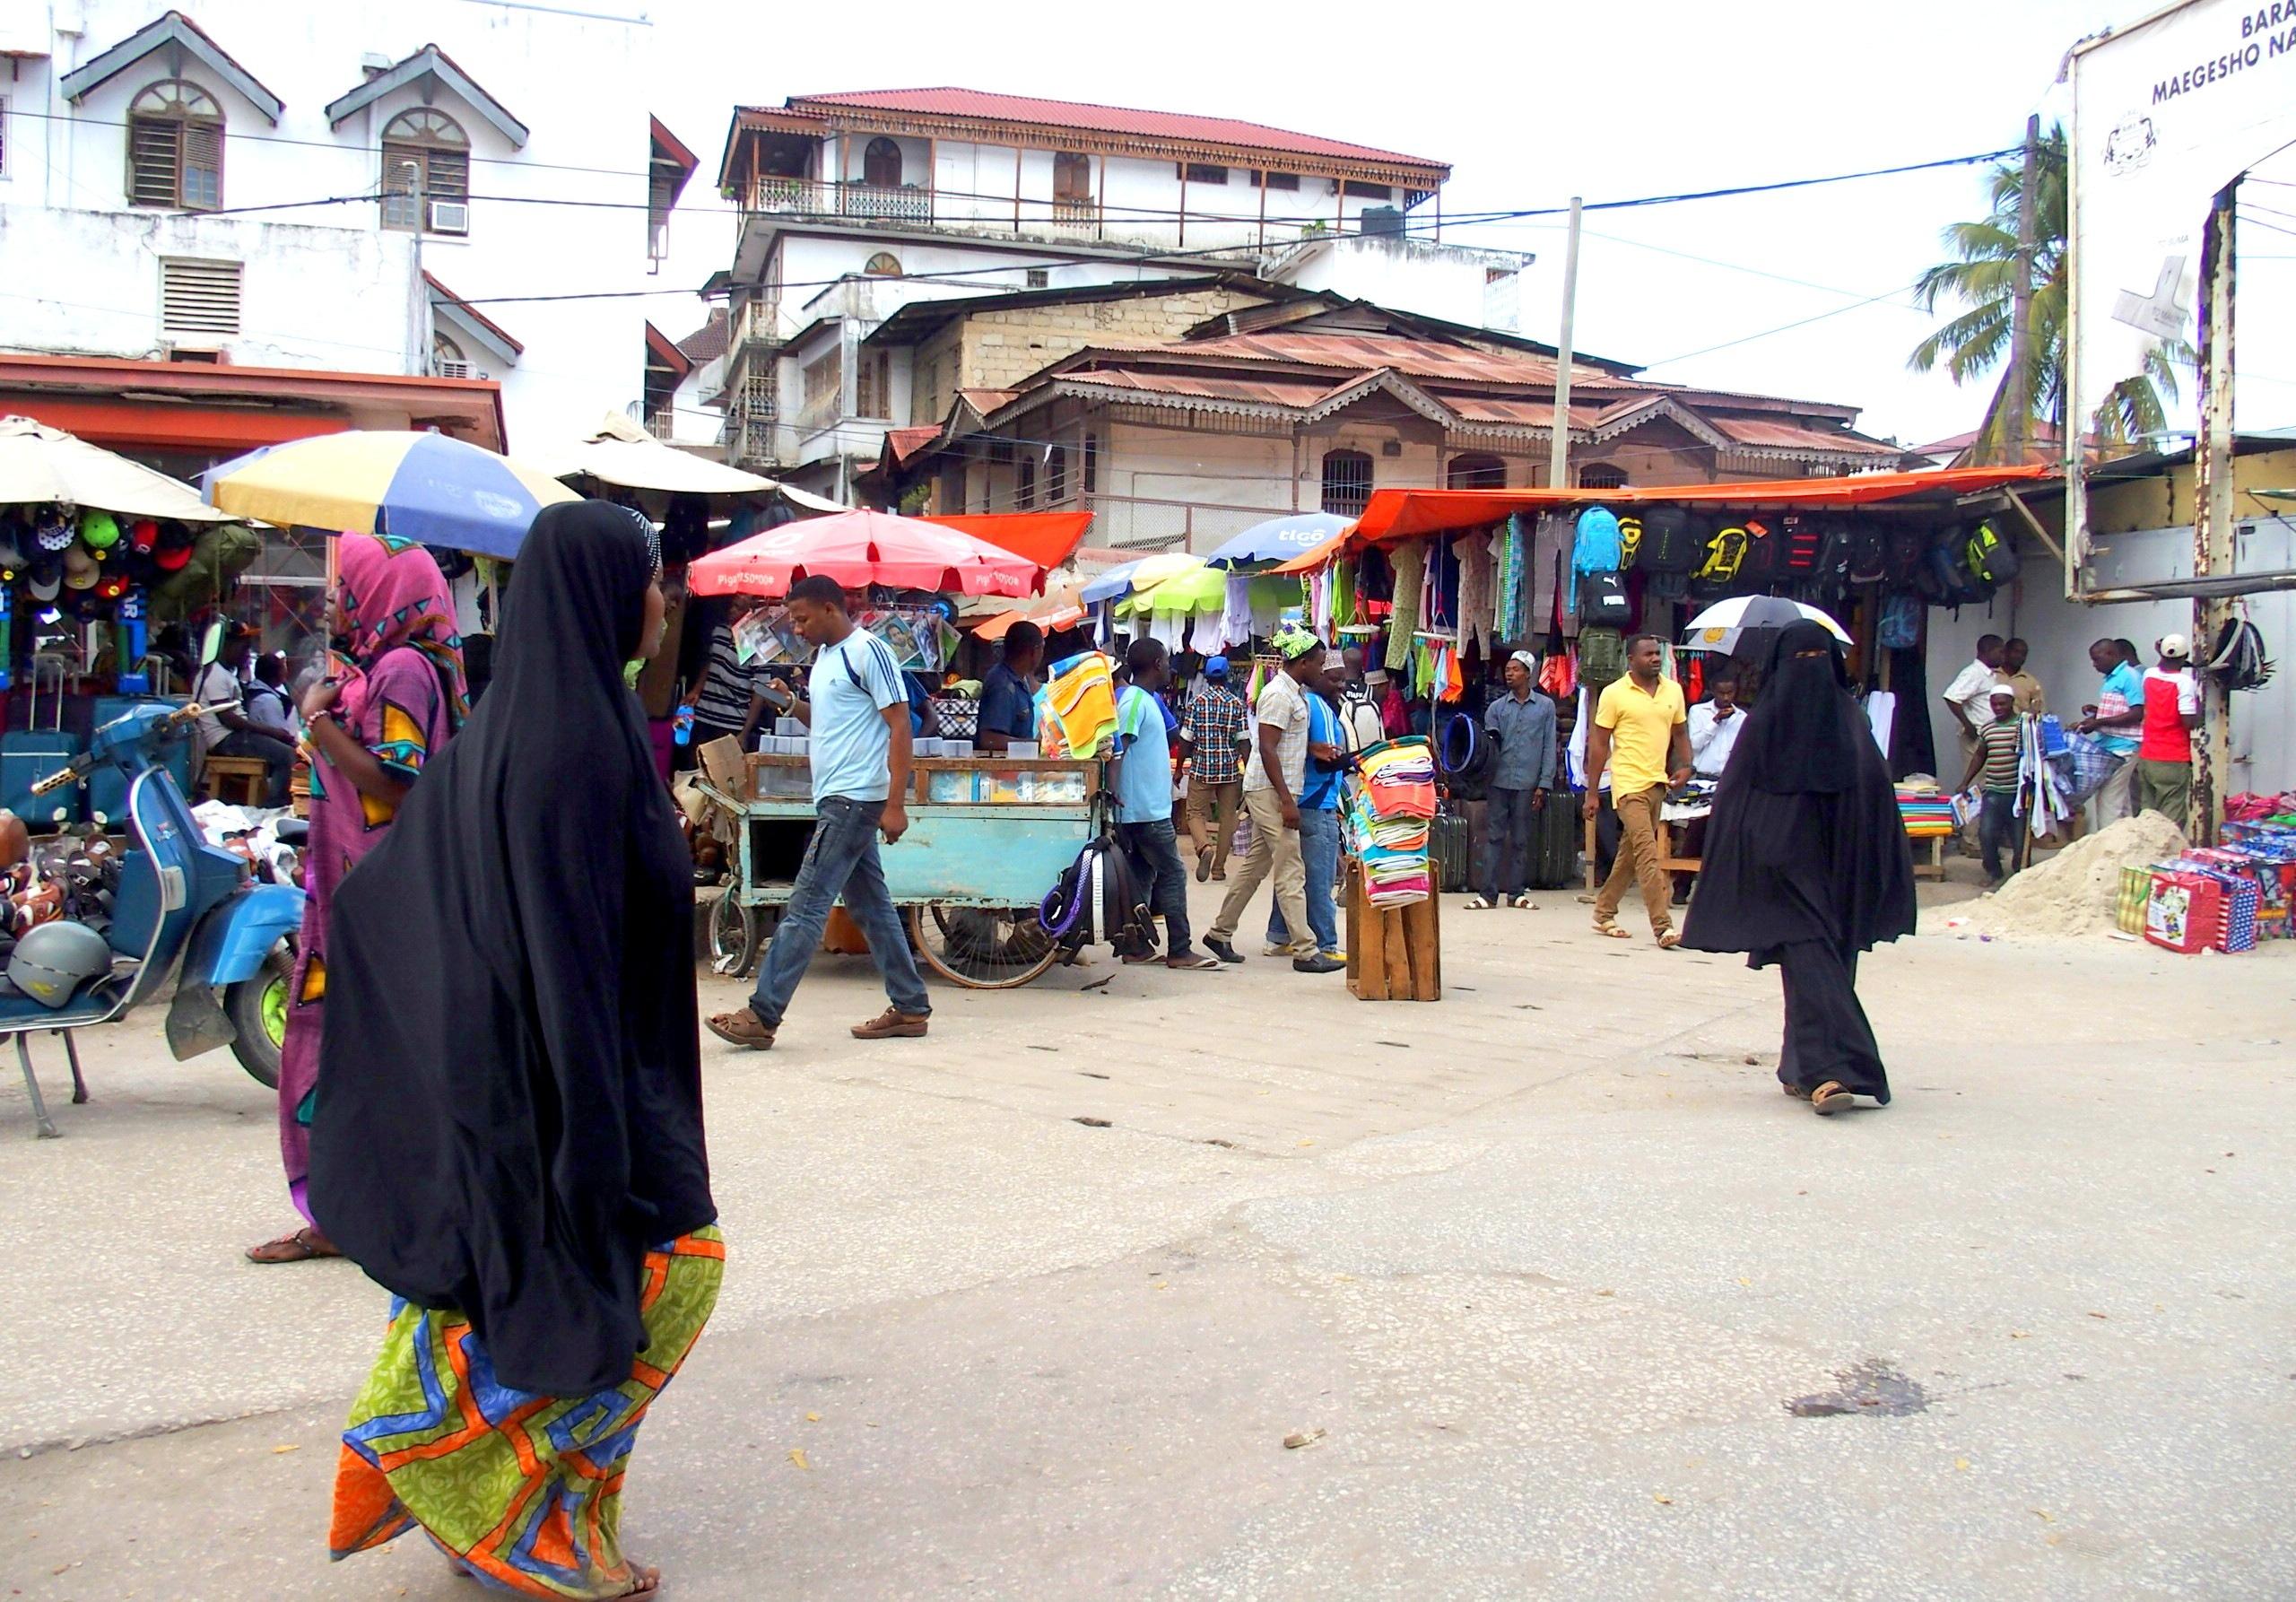 Femmes en habits traditionnels Stone Town Zanzibar